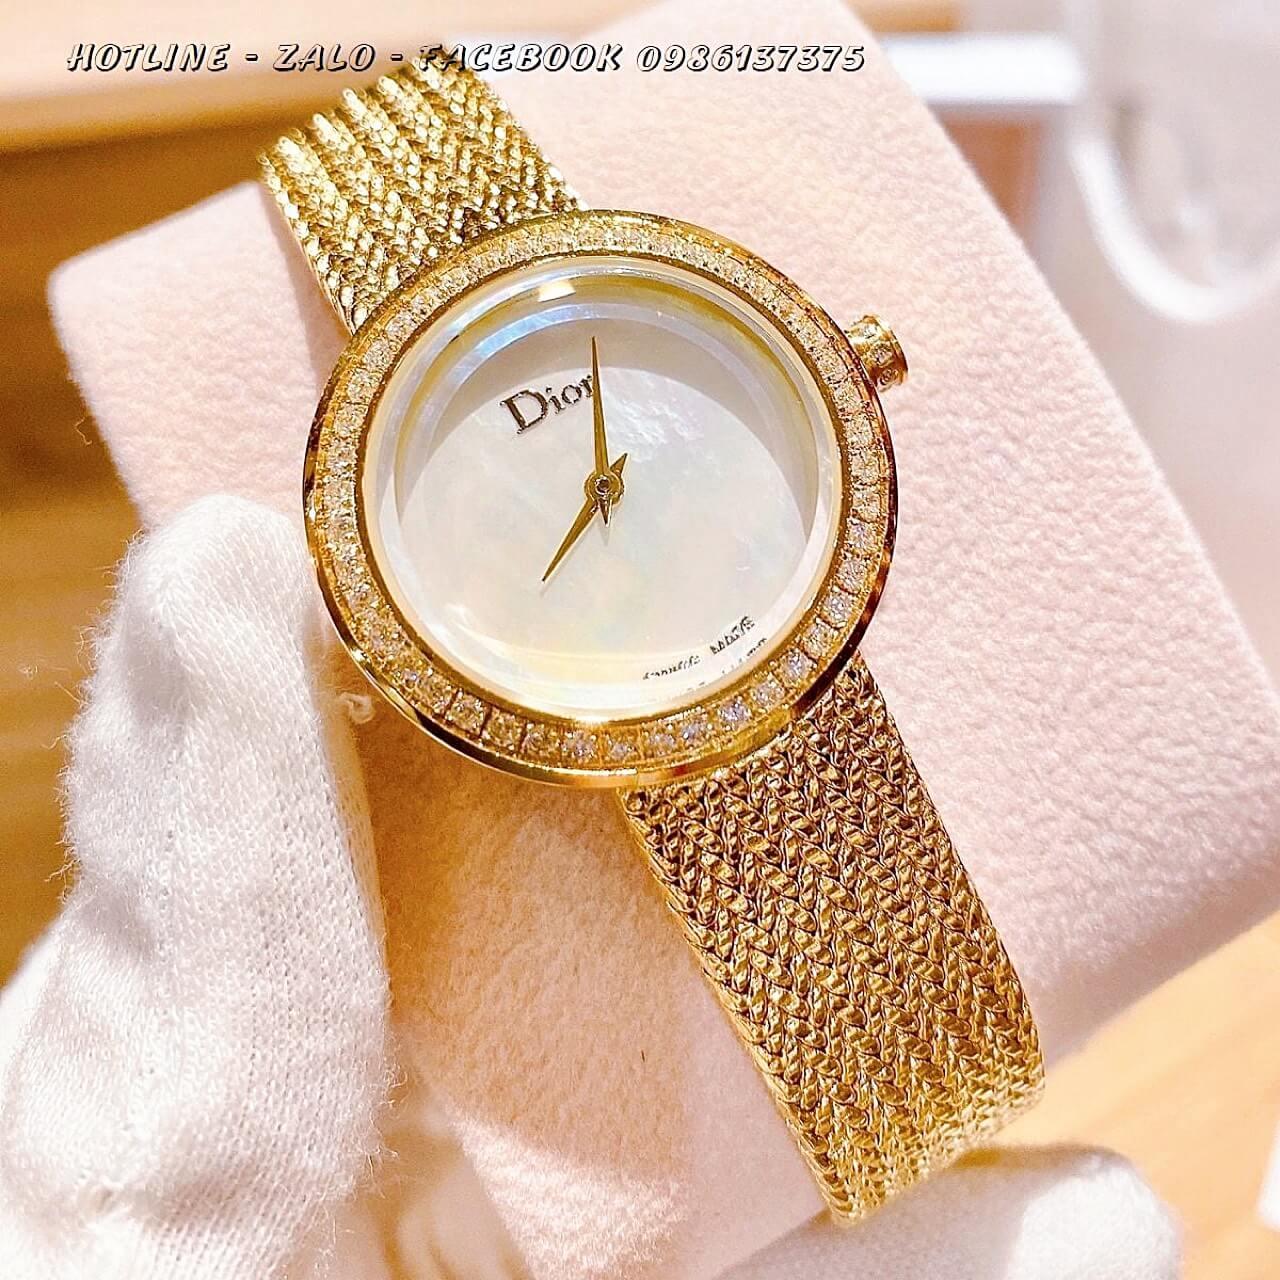 Đồng Hồ Dior Nữ Dây Vàng Mặt Trắng 31mm